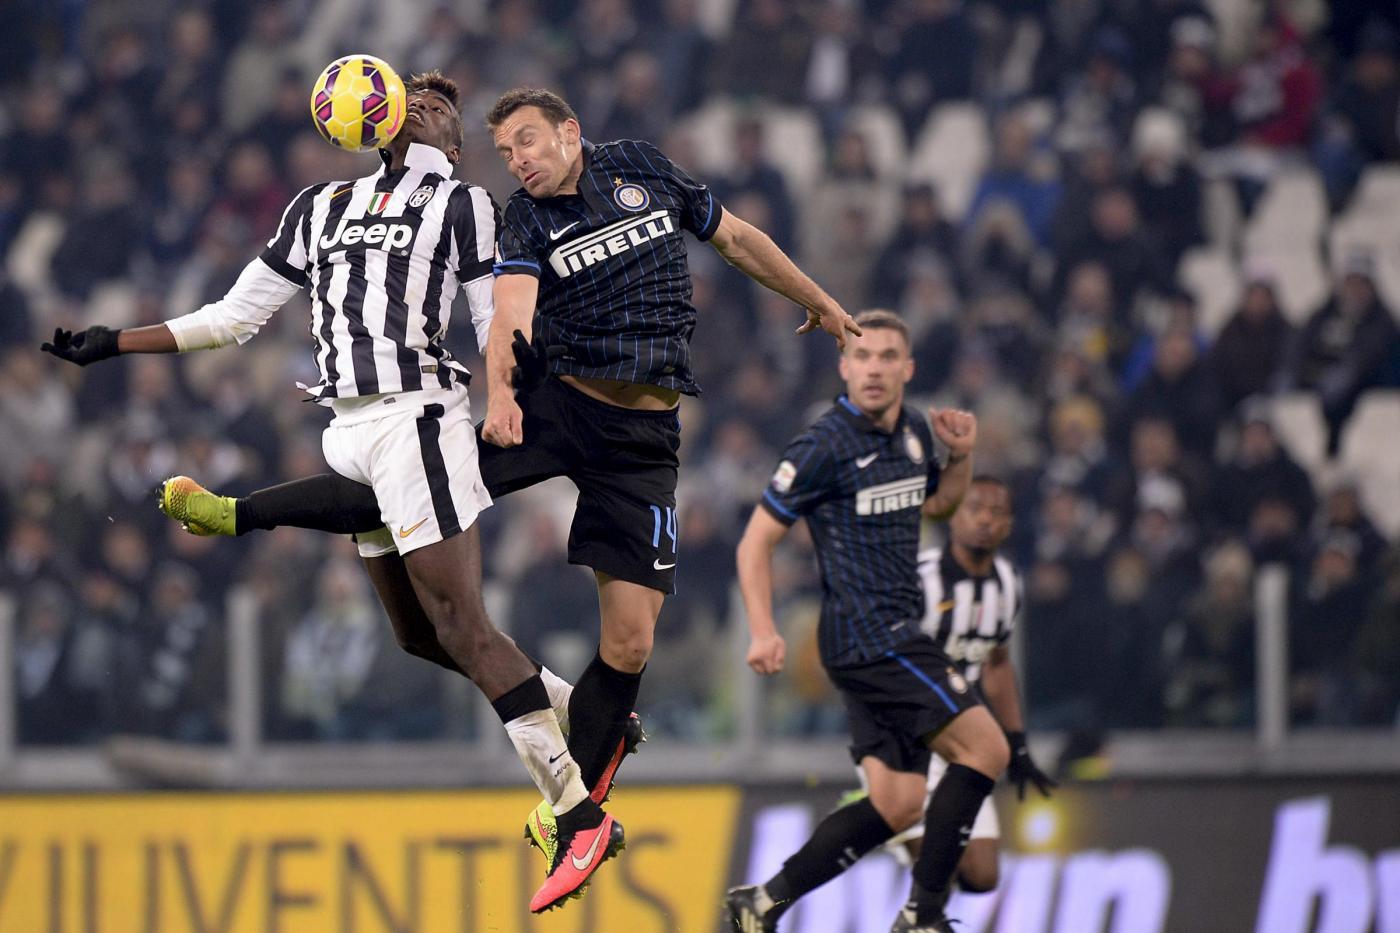 Juventus vs Inter 1-1: terzo pari di fila allo Stadium